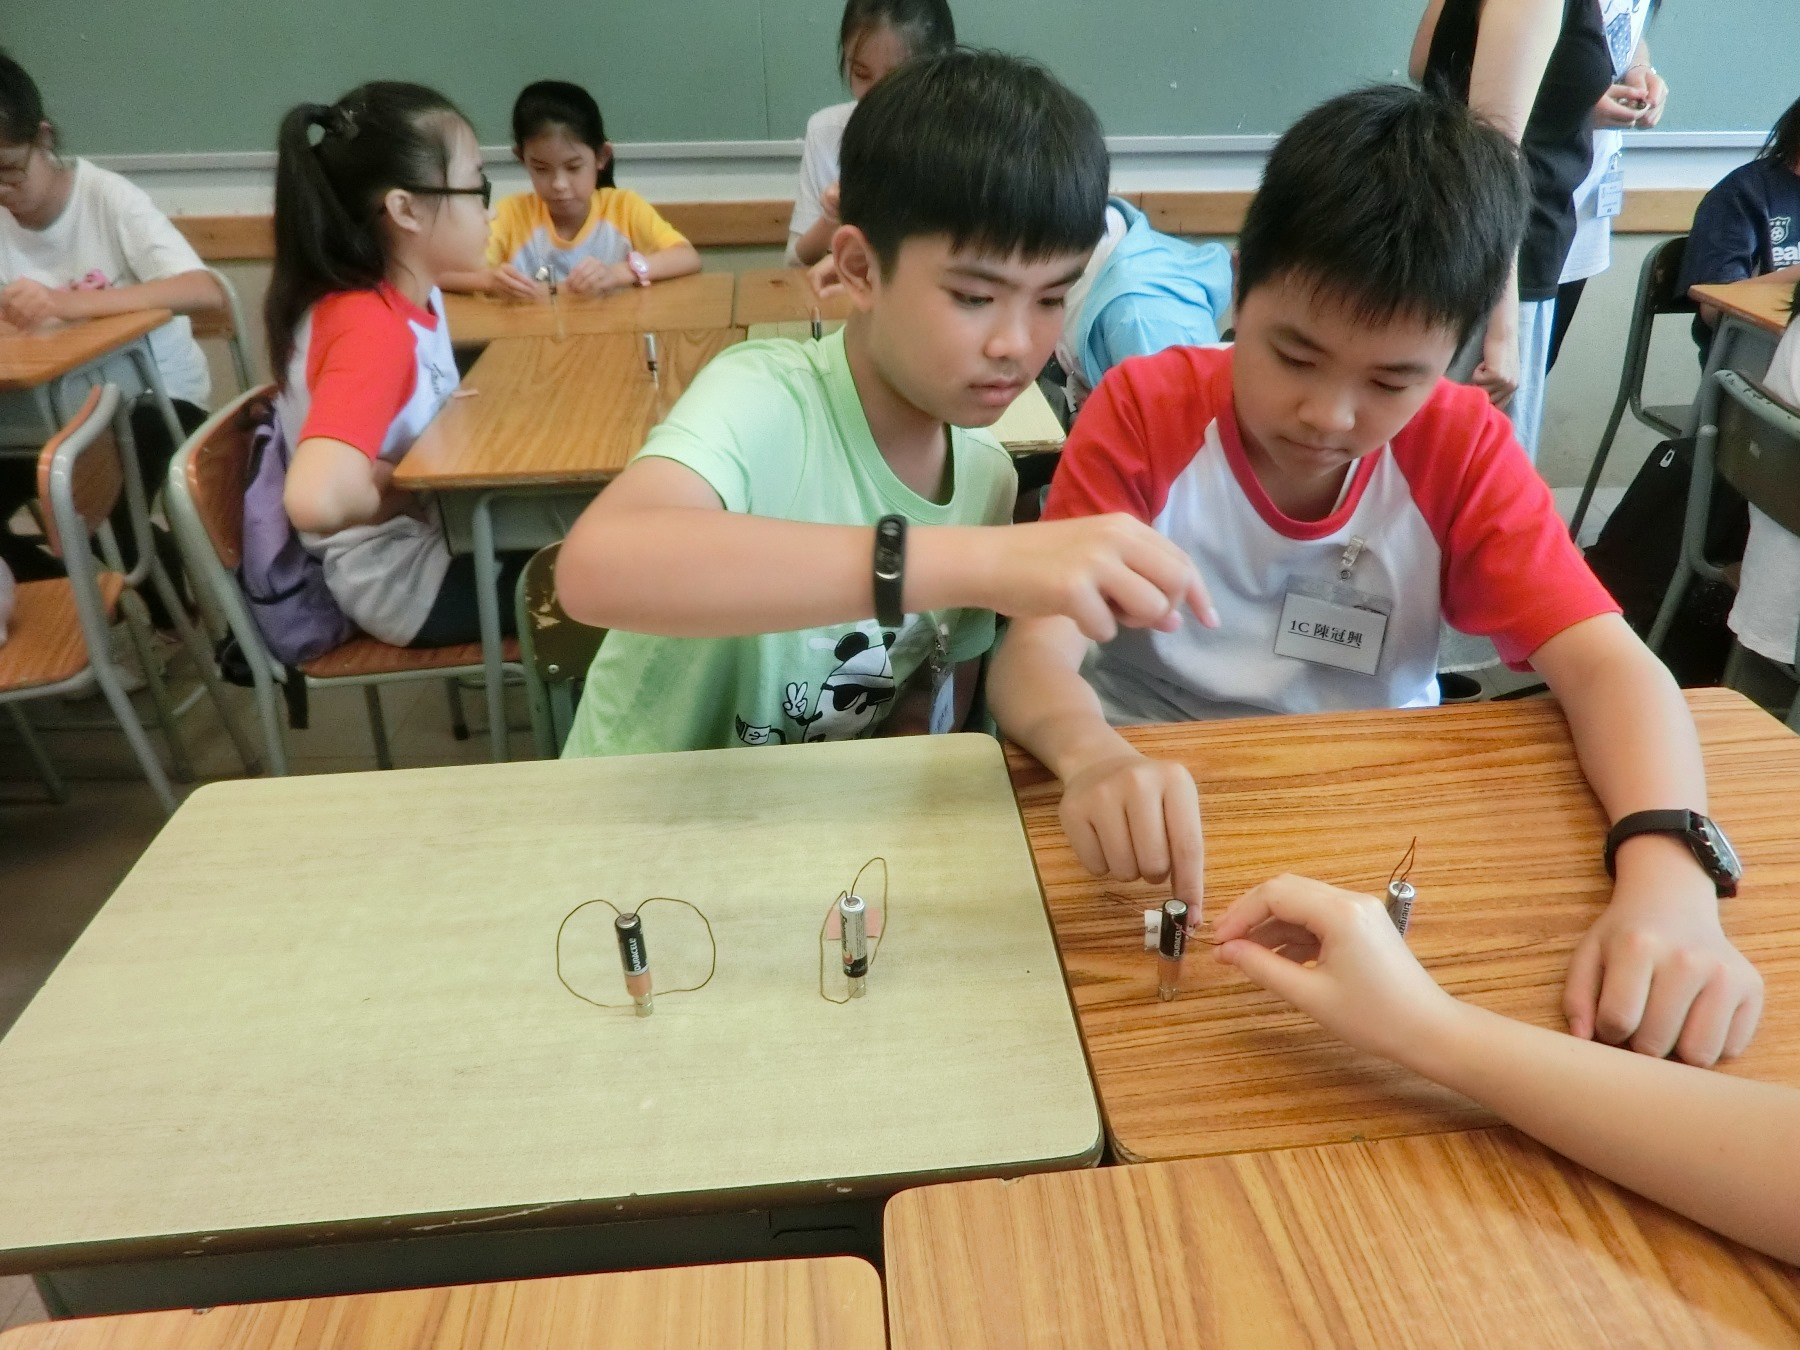 http://npc.edu.hk/sites/default/files/1c_qu_wei_xiao_shi_yan_01.jpg